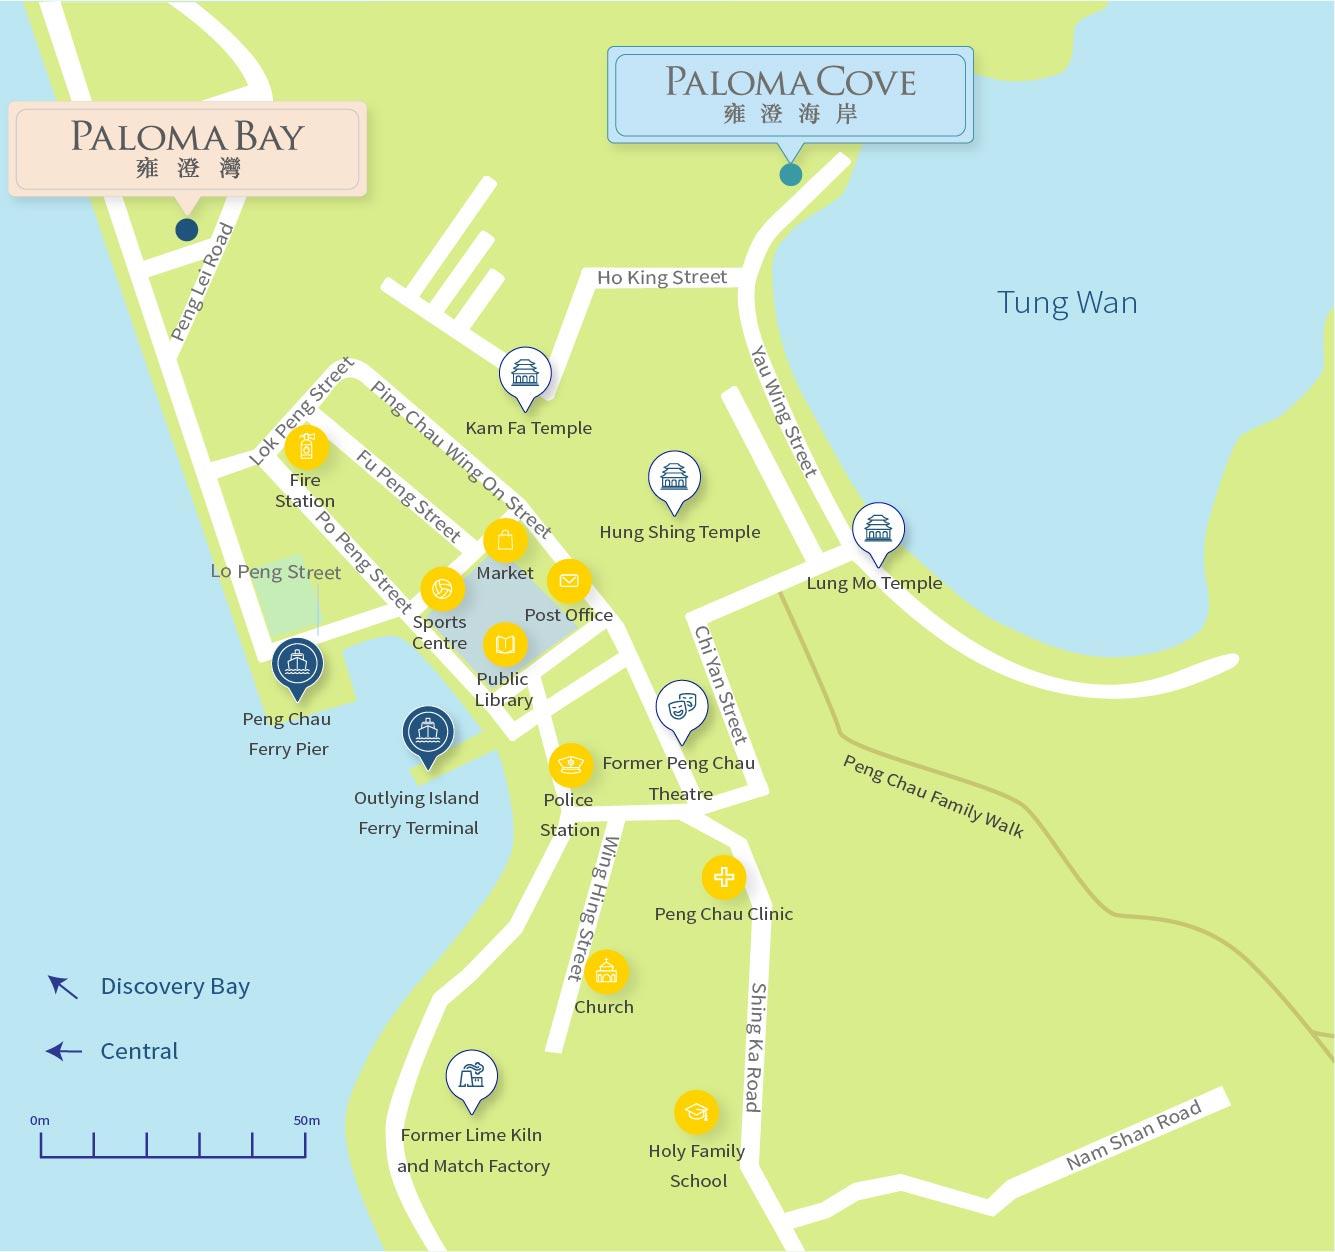 Paloma Bay